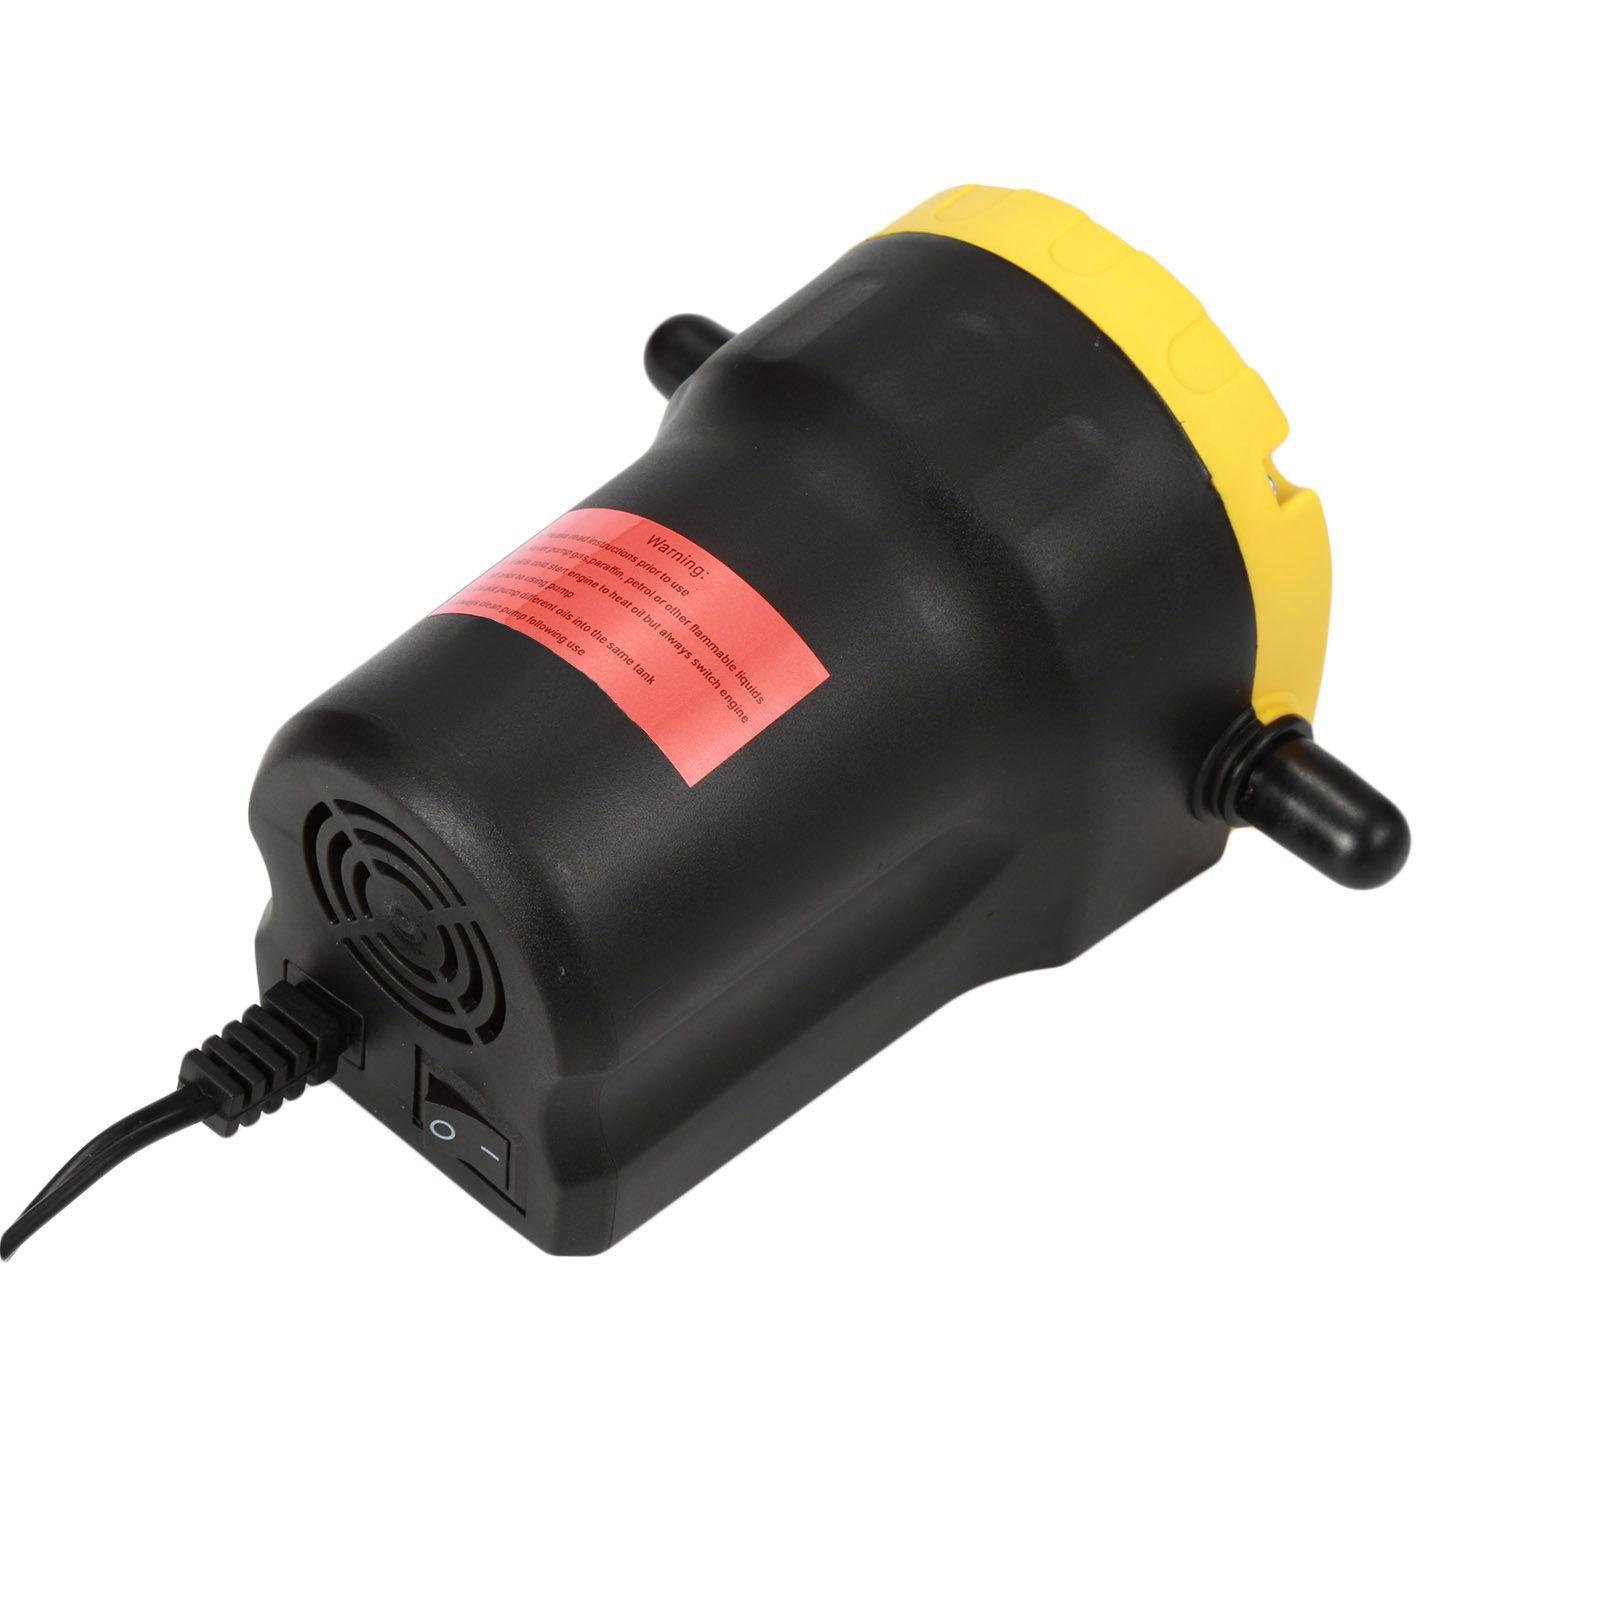 Pompe de vidange huile moteur par aspiration 12V D022D4